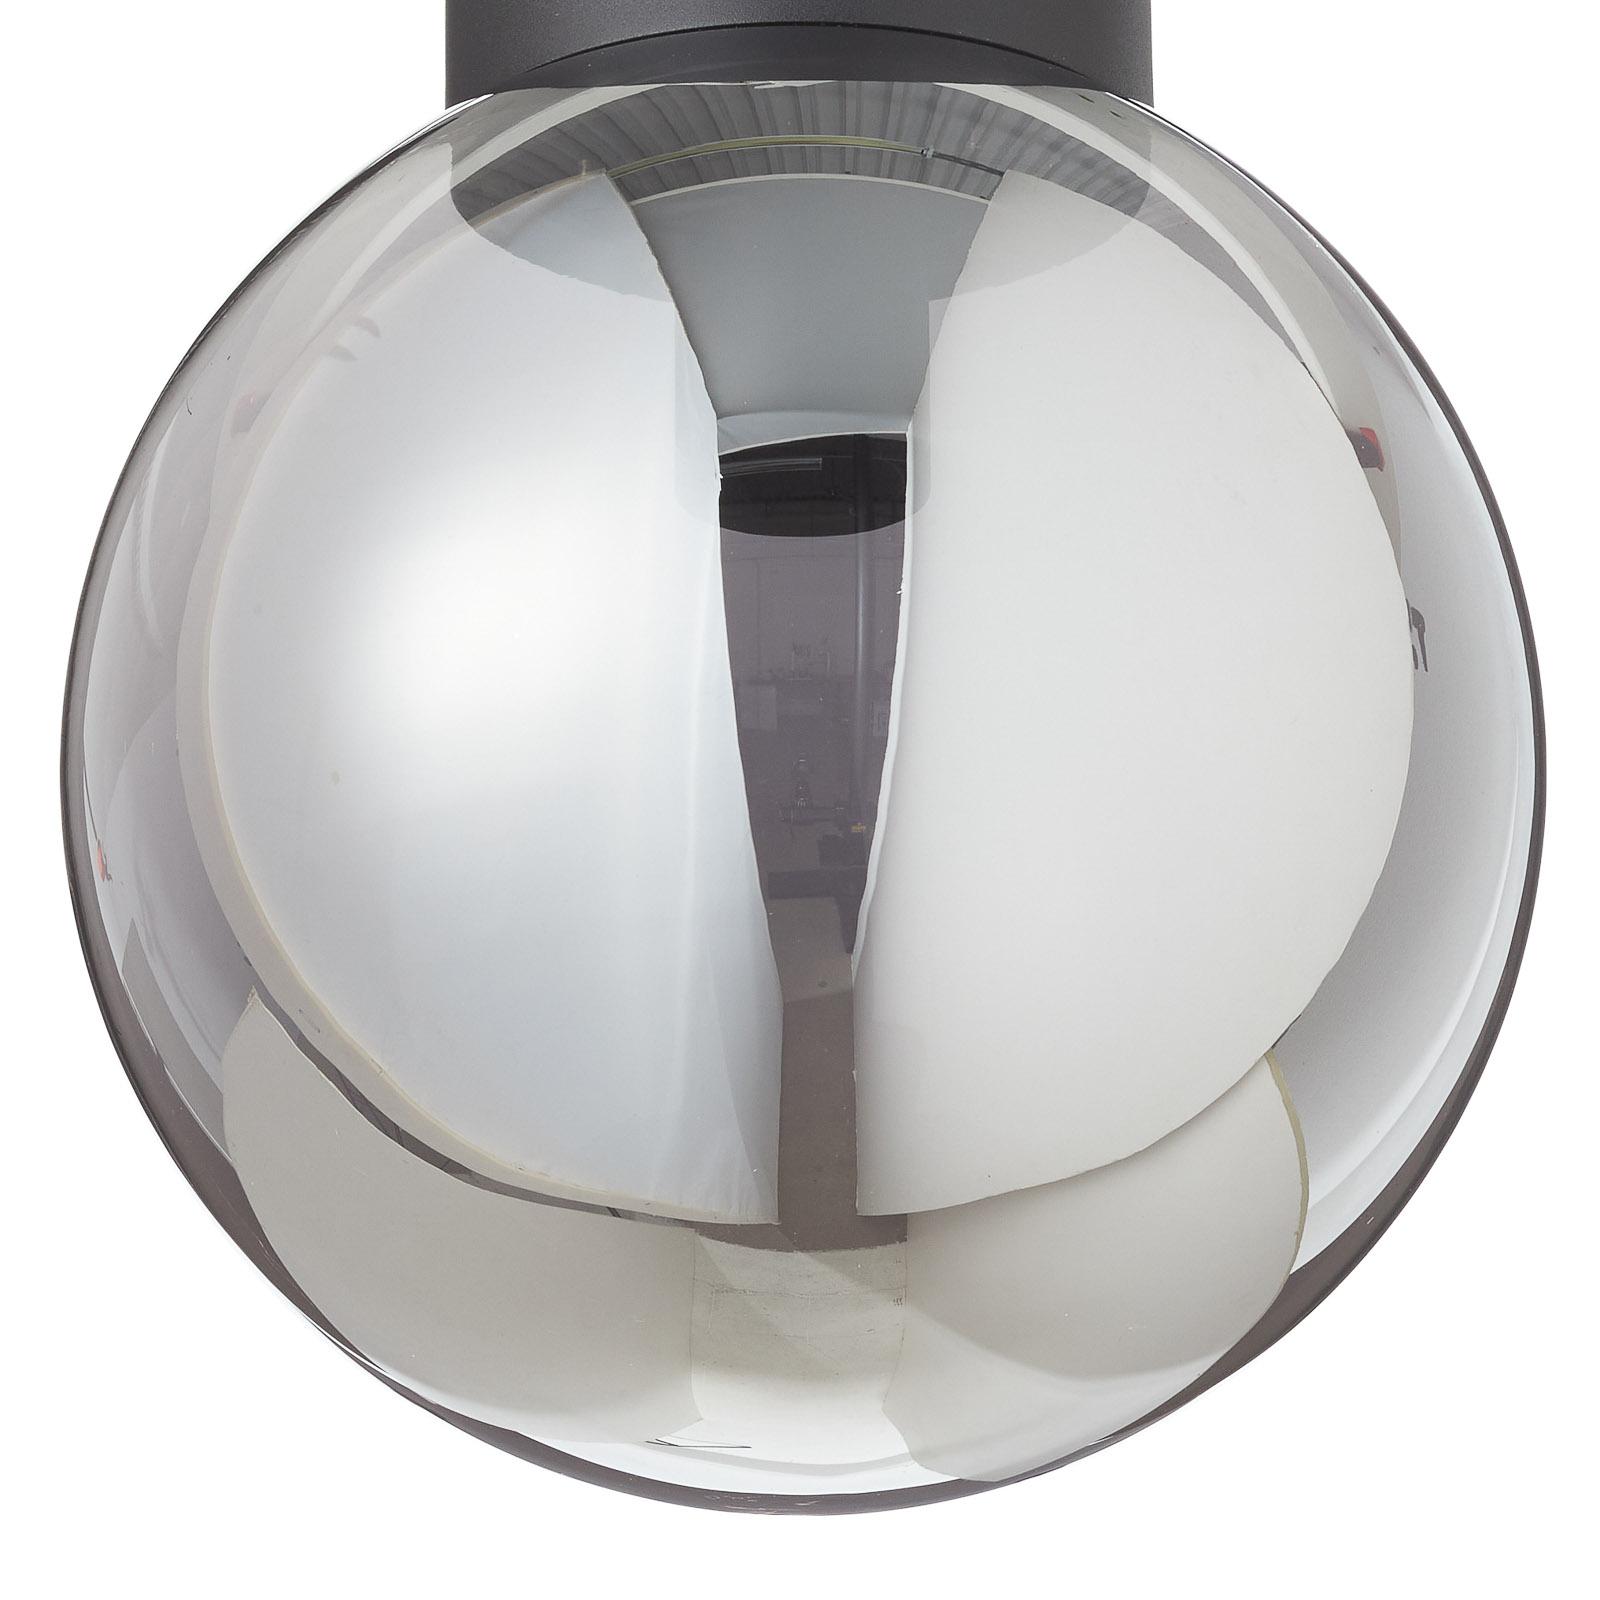 Lampa sufitowa Astro, kulisty klosz, szary Ø 25 cm